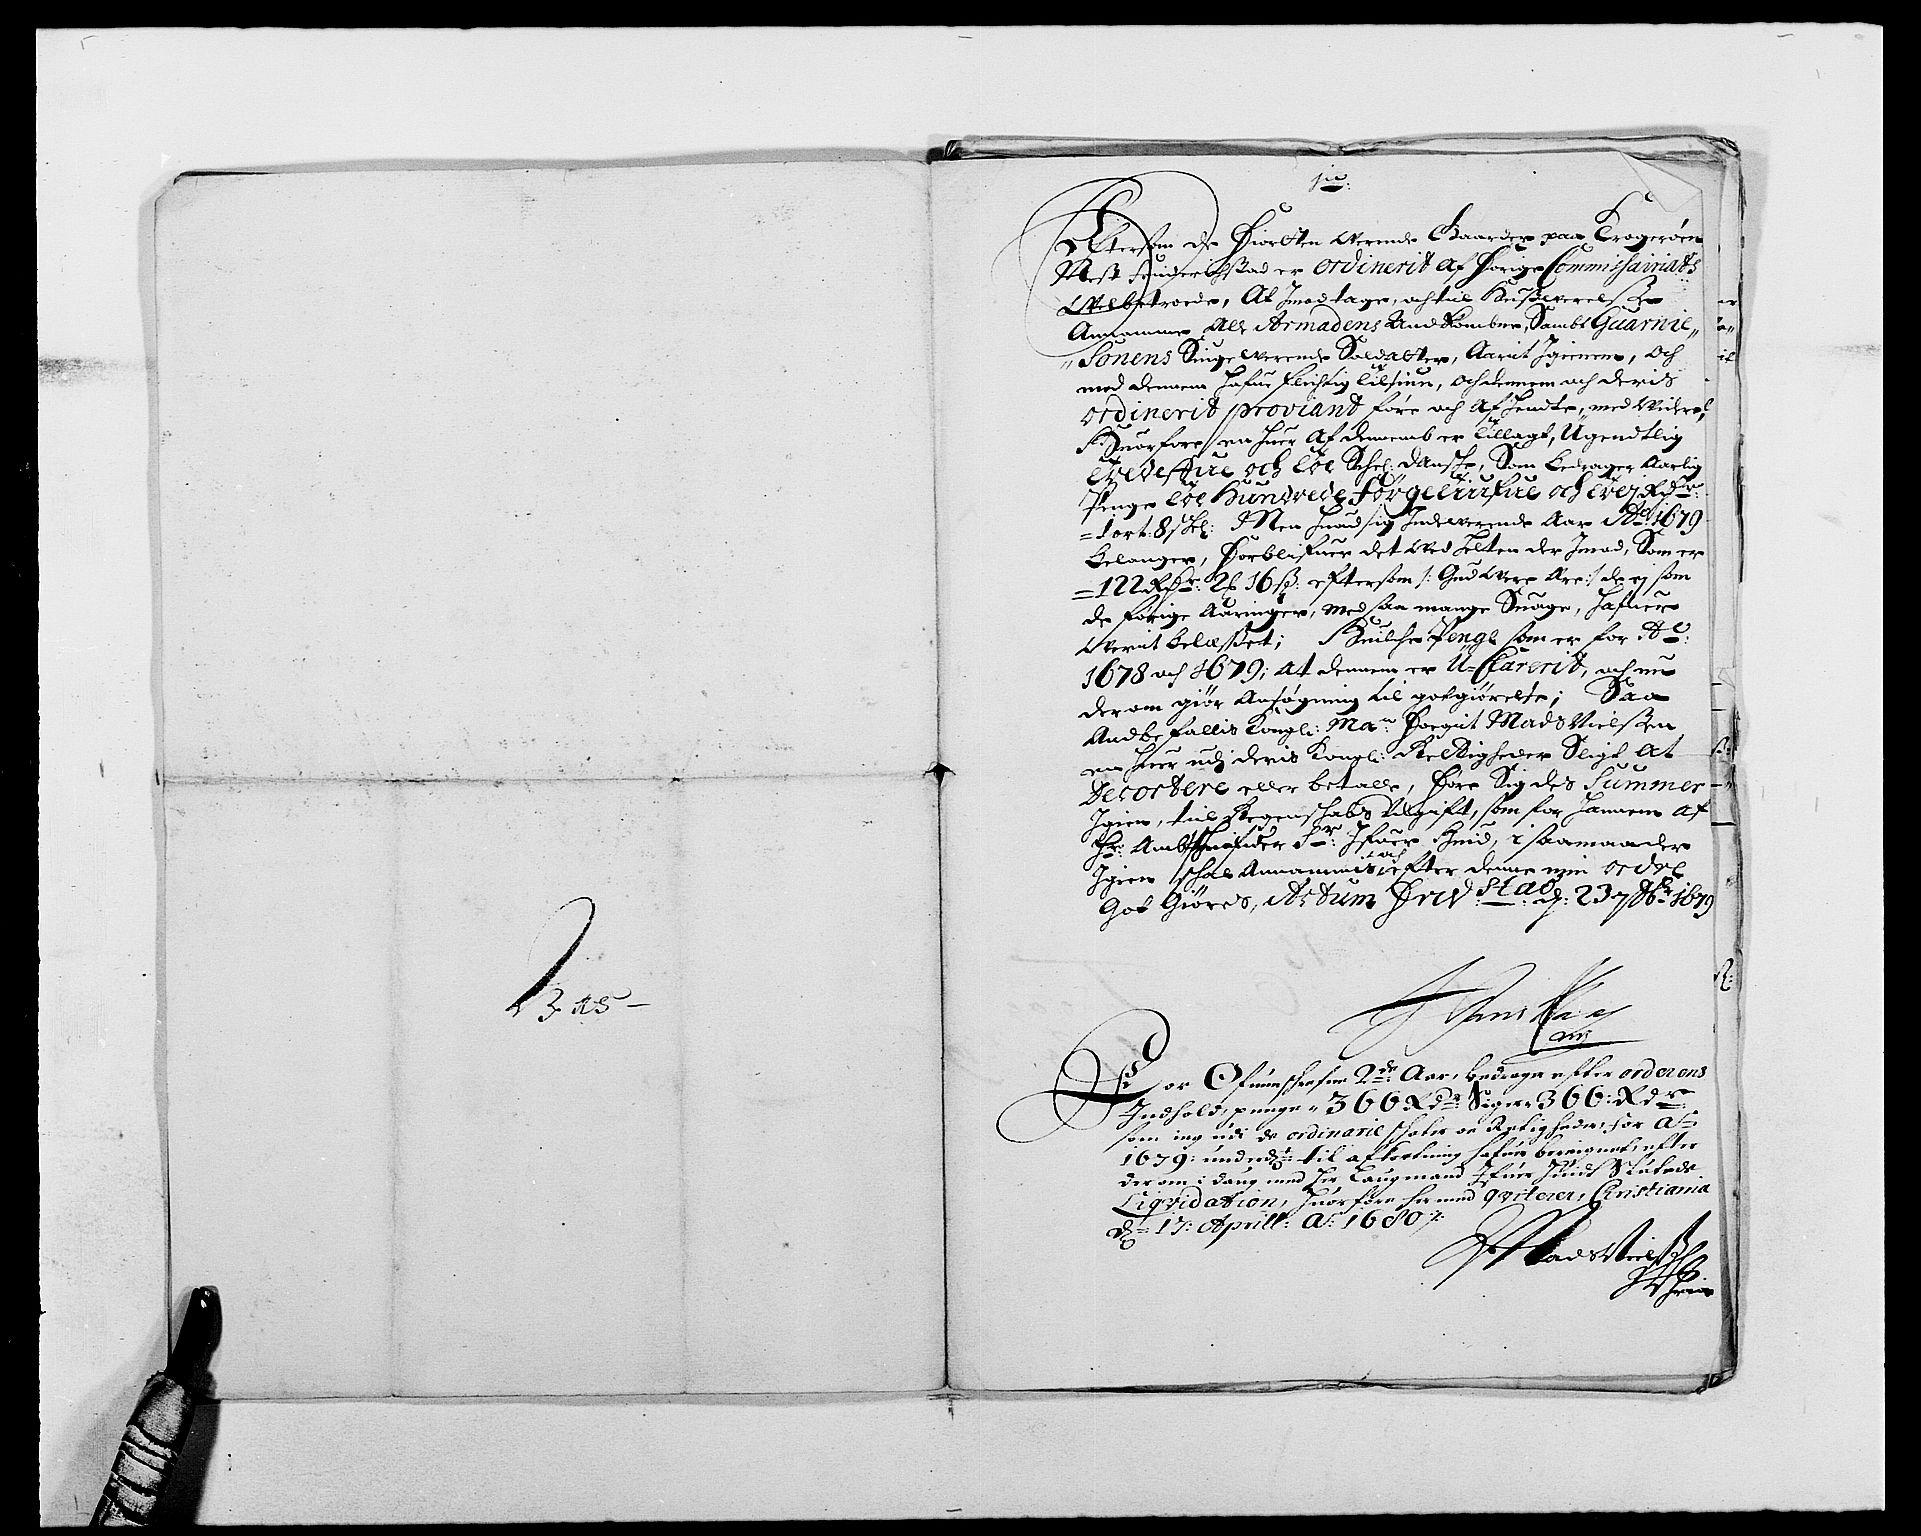 RA, Rentekammeret inntil 1814, Reviderte regnskaper, Fogderegnskap, R03/L0110: Fogderegnskap Onsøy, Tune, Veme og Åbygge fogderi, 1678-1679, s. 266